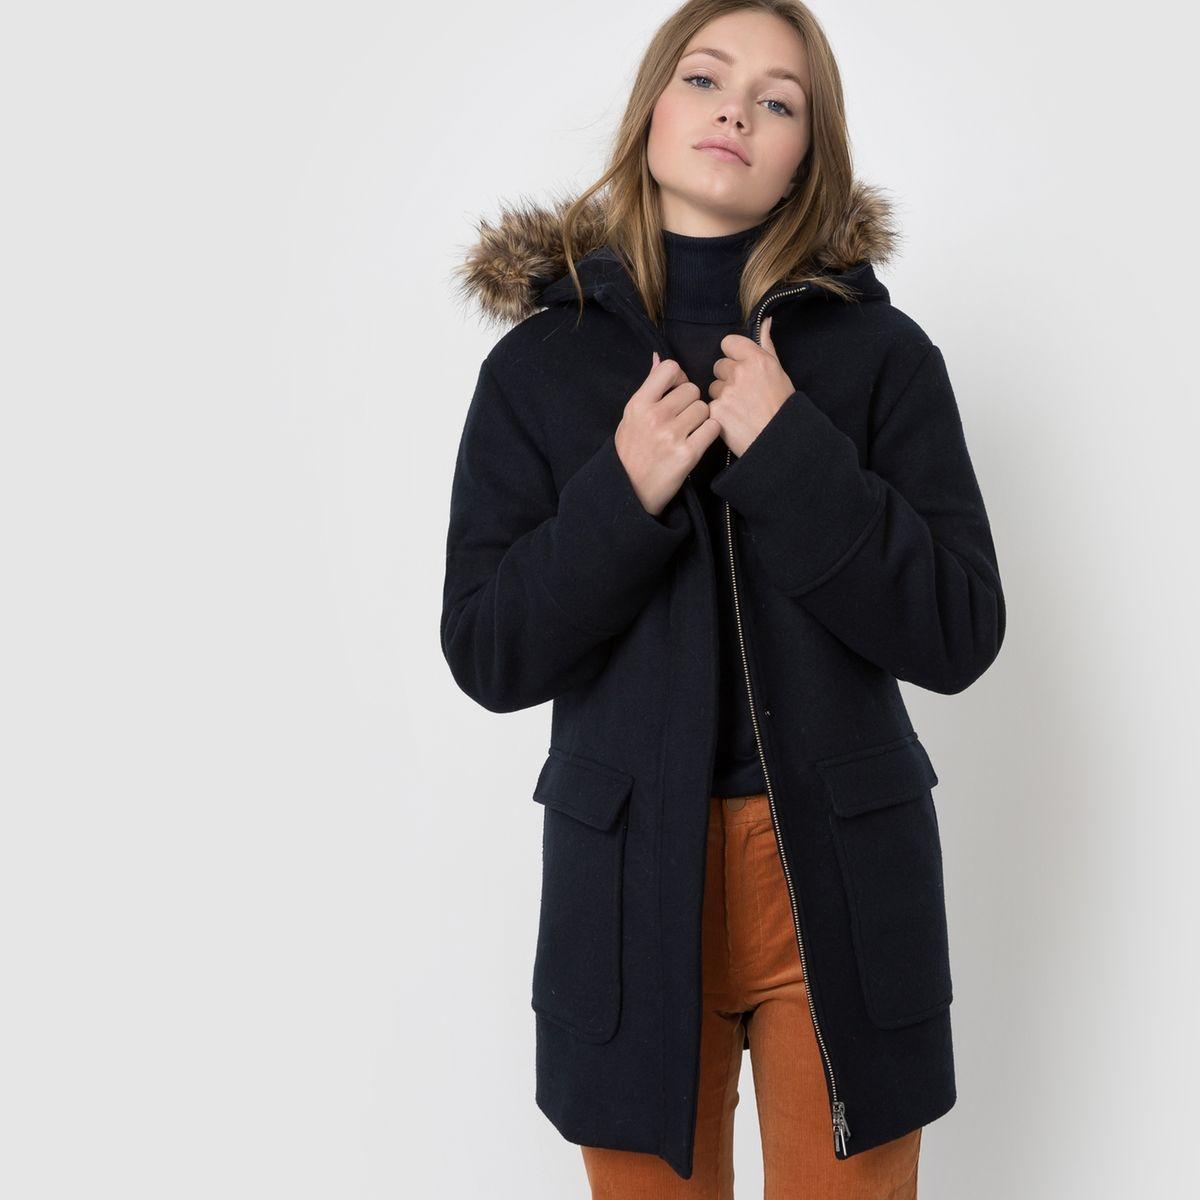 Manteau capuche fausse fourrure